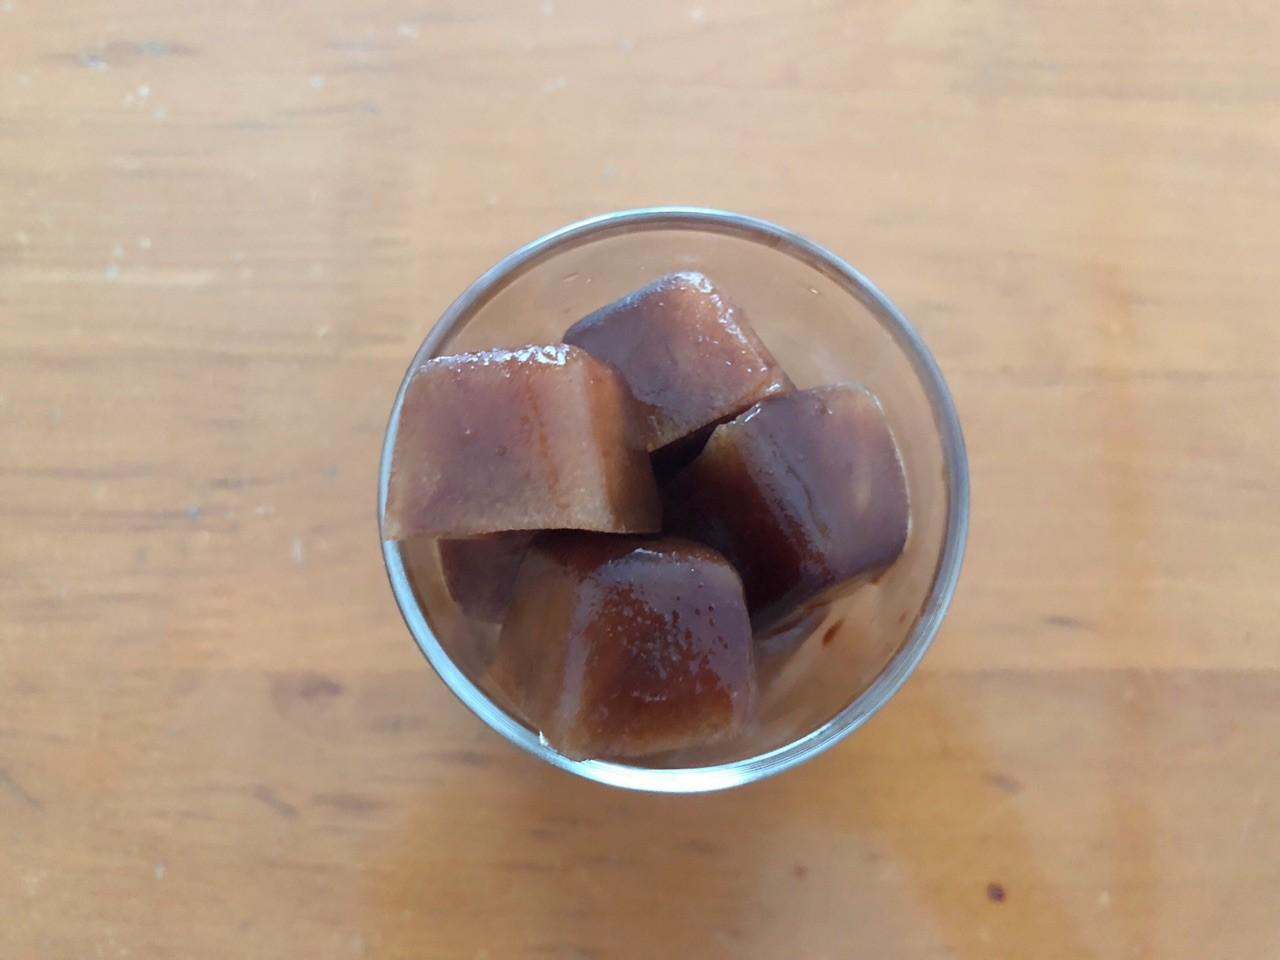 Đừng pha cà phê sữa kiểu cũ nữa, đây mới chính là cách pha khiến ai thử cũng ghiền - Ảnh 2